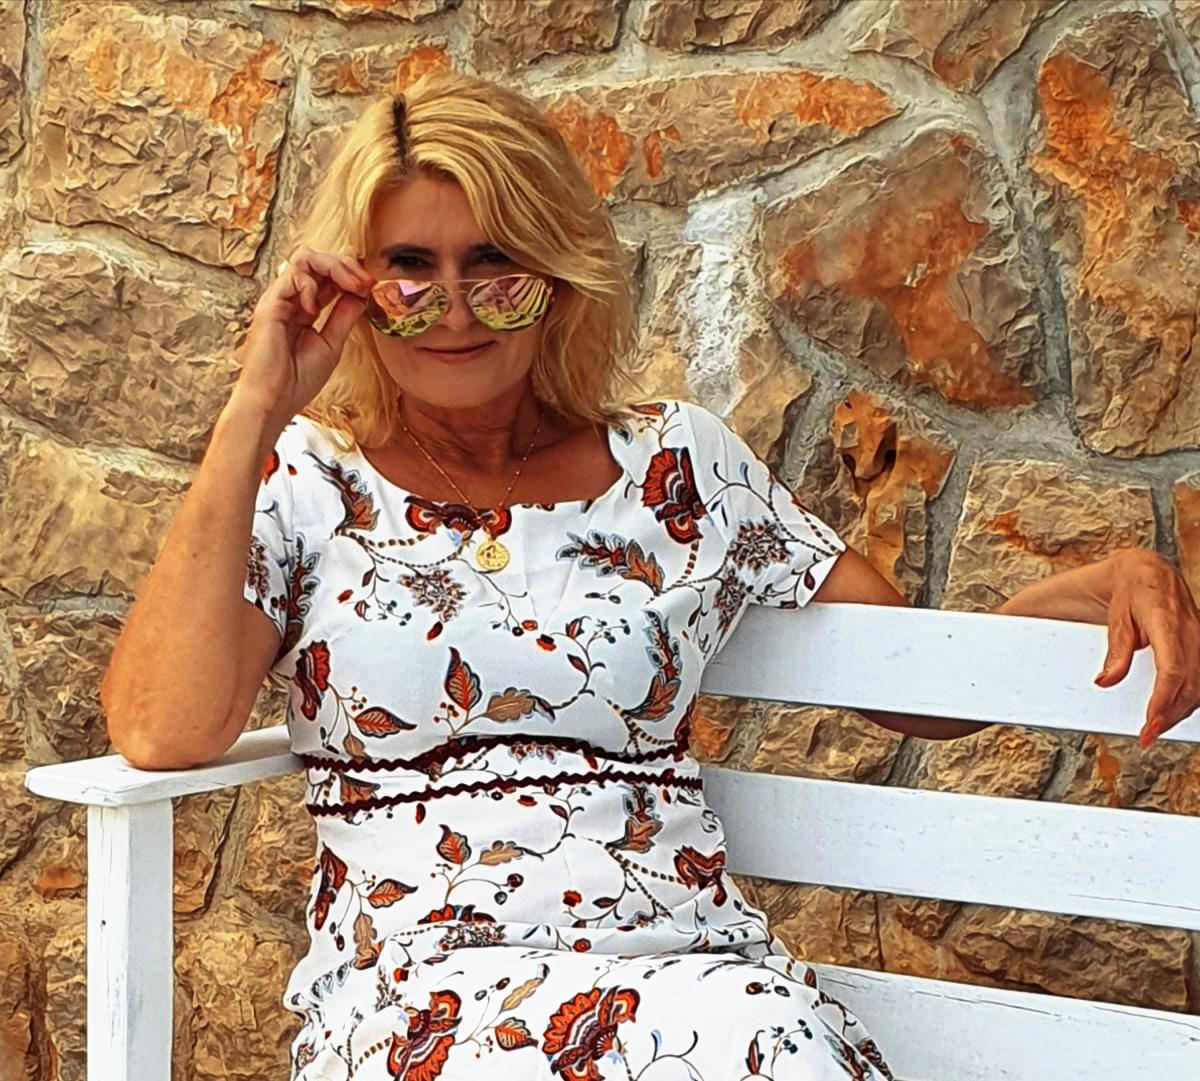 Ab 40 ändert sich der Stoffwechsel bei Frauen | Silvia Riedl